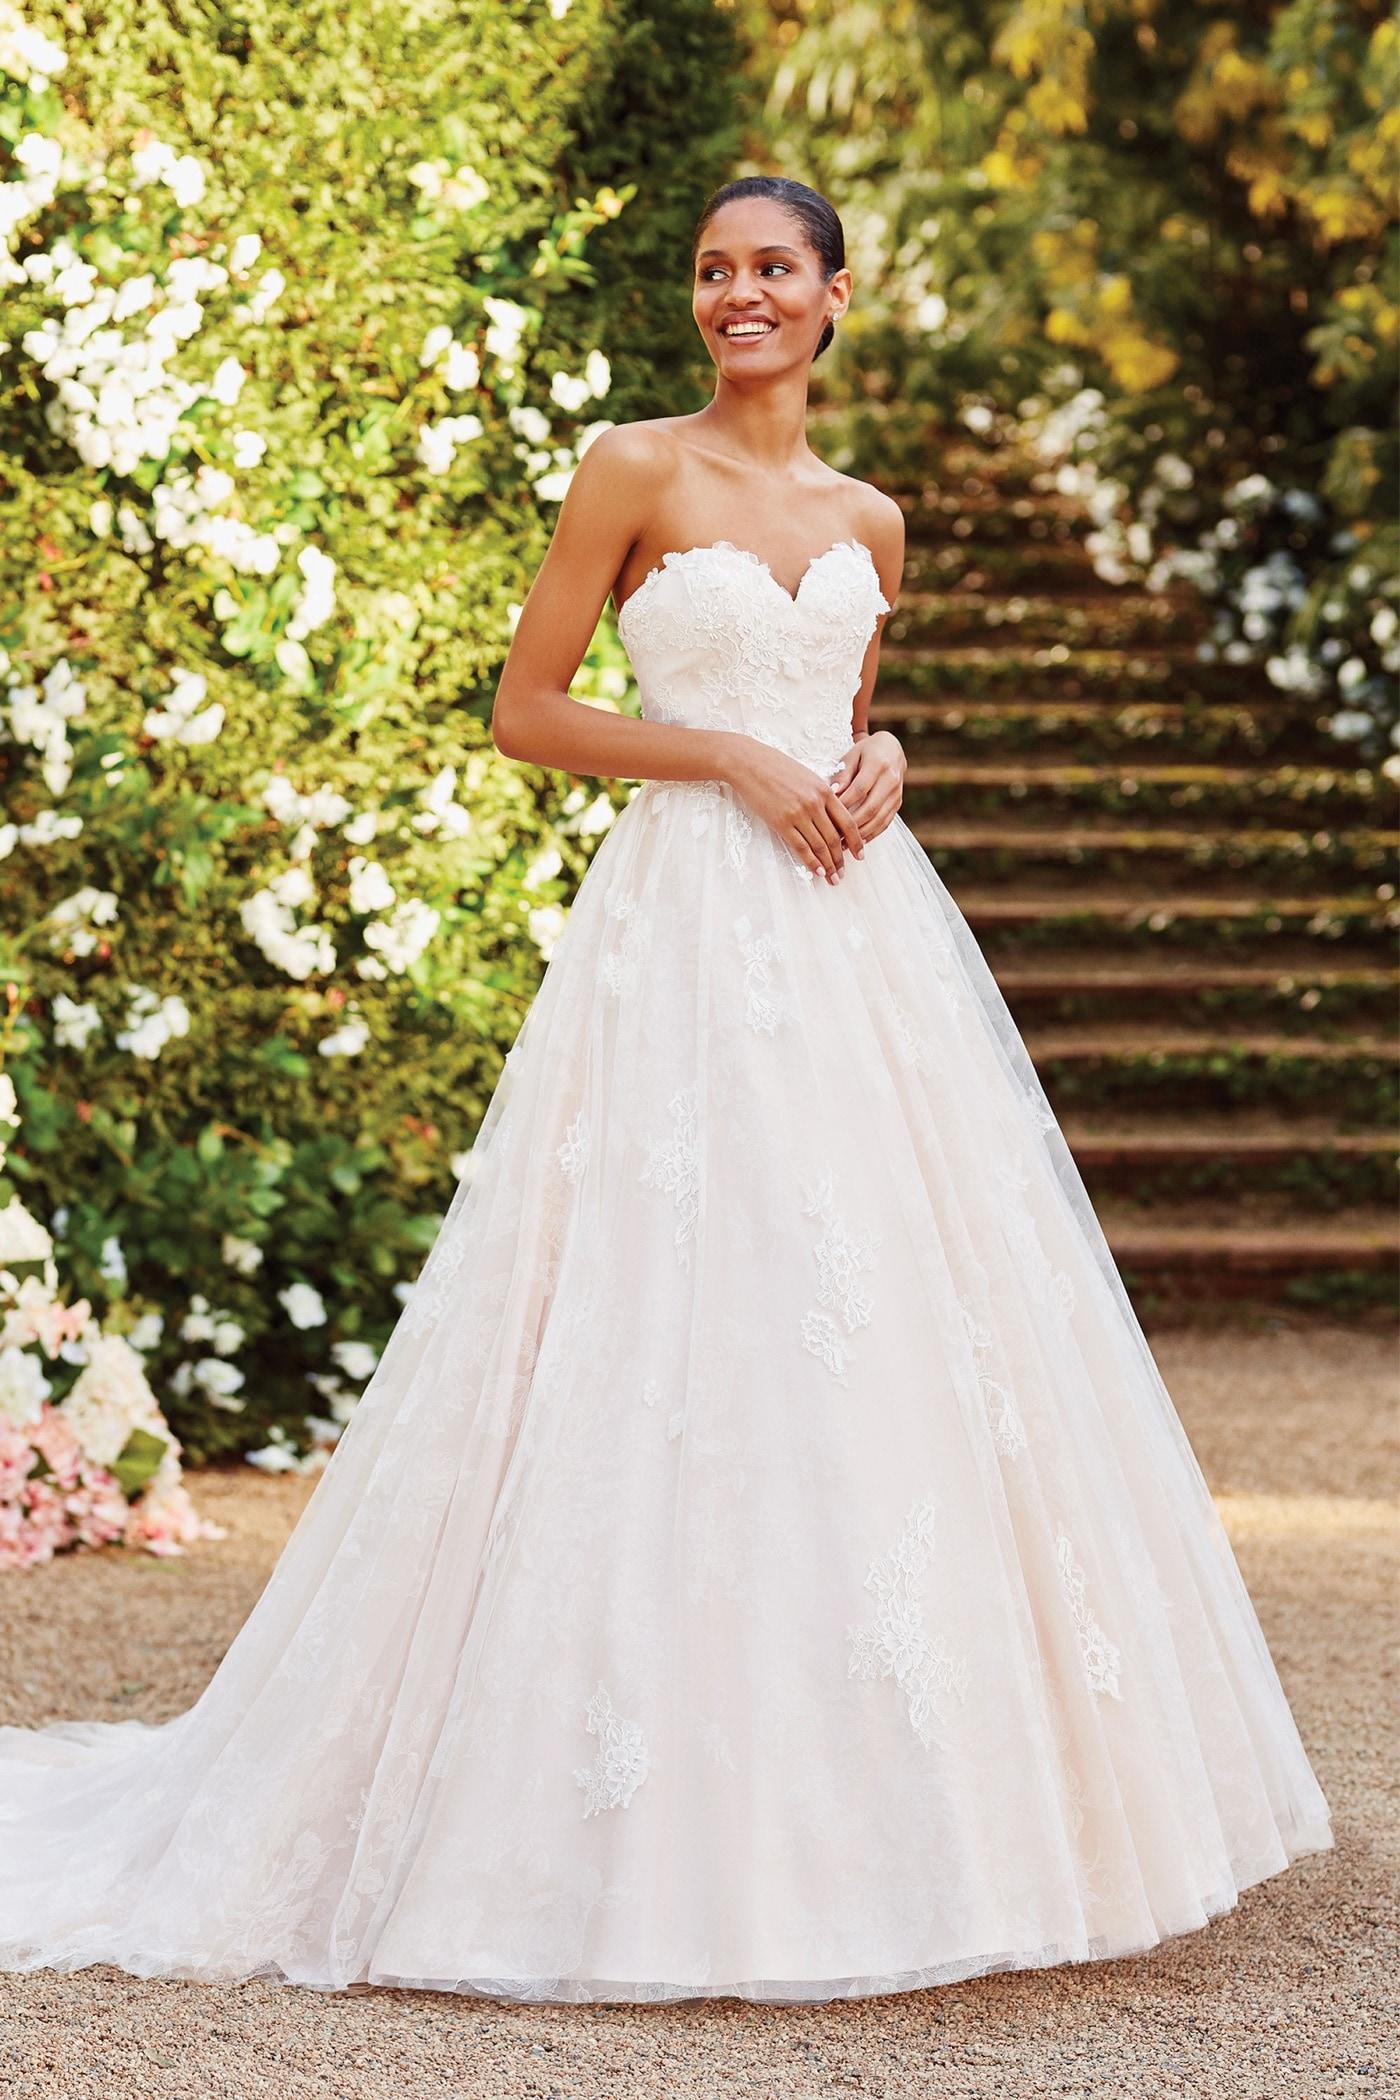 Brautkleid im Prinzess-Stil mit trägerlosem Sweetheart-Ausschnitt